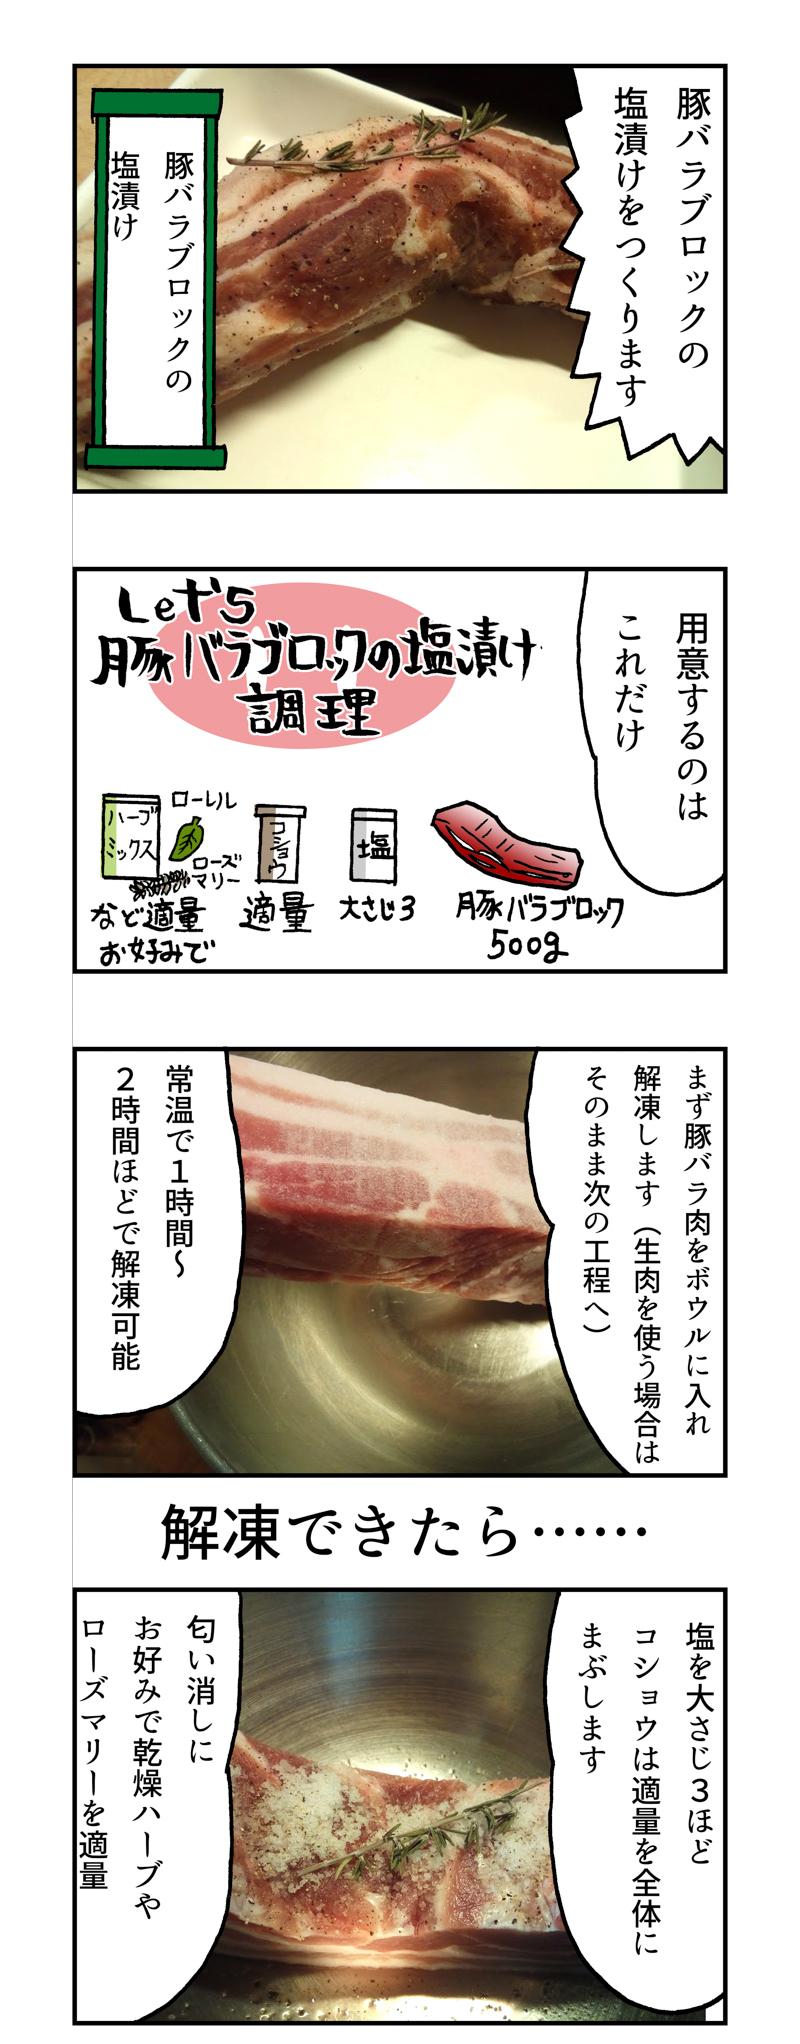 f:id:Meshi2_IB:20170801090417j:plain